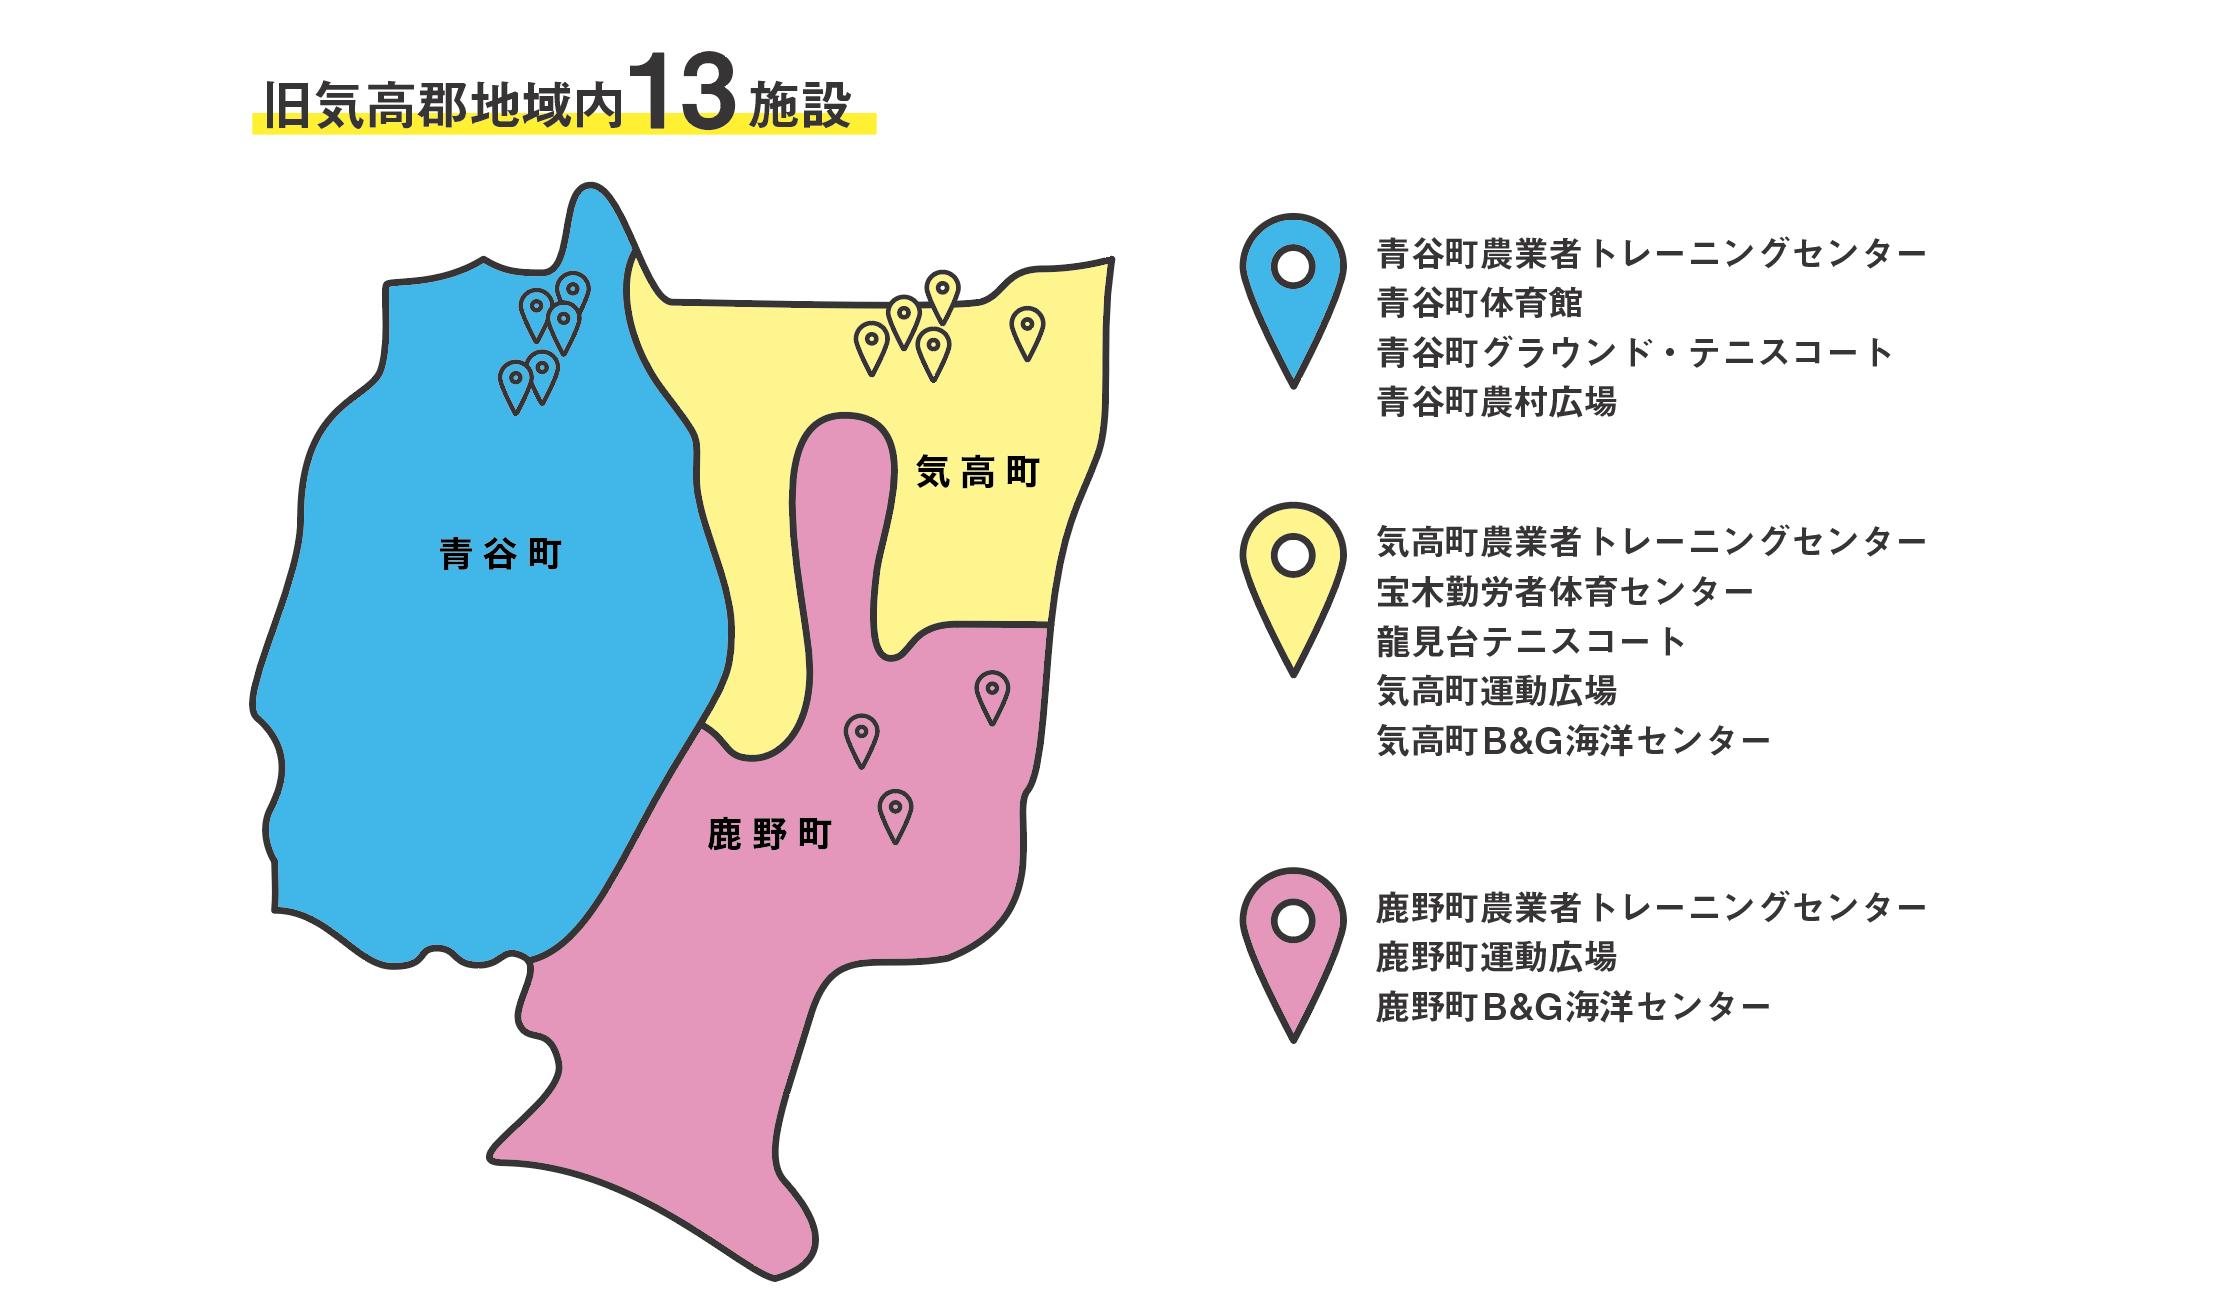 管理施設マップ